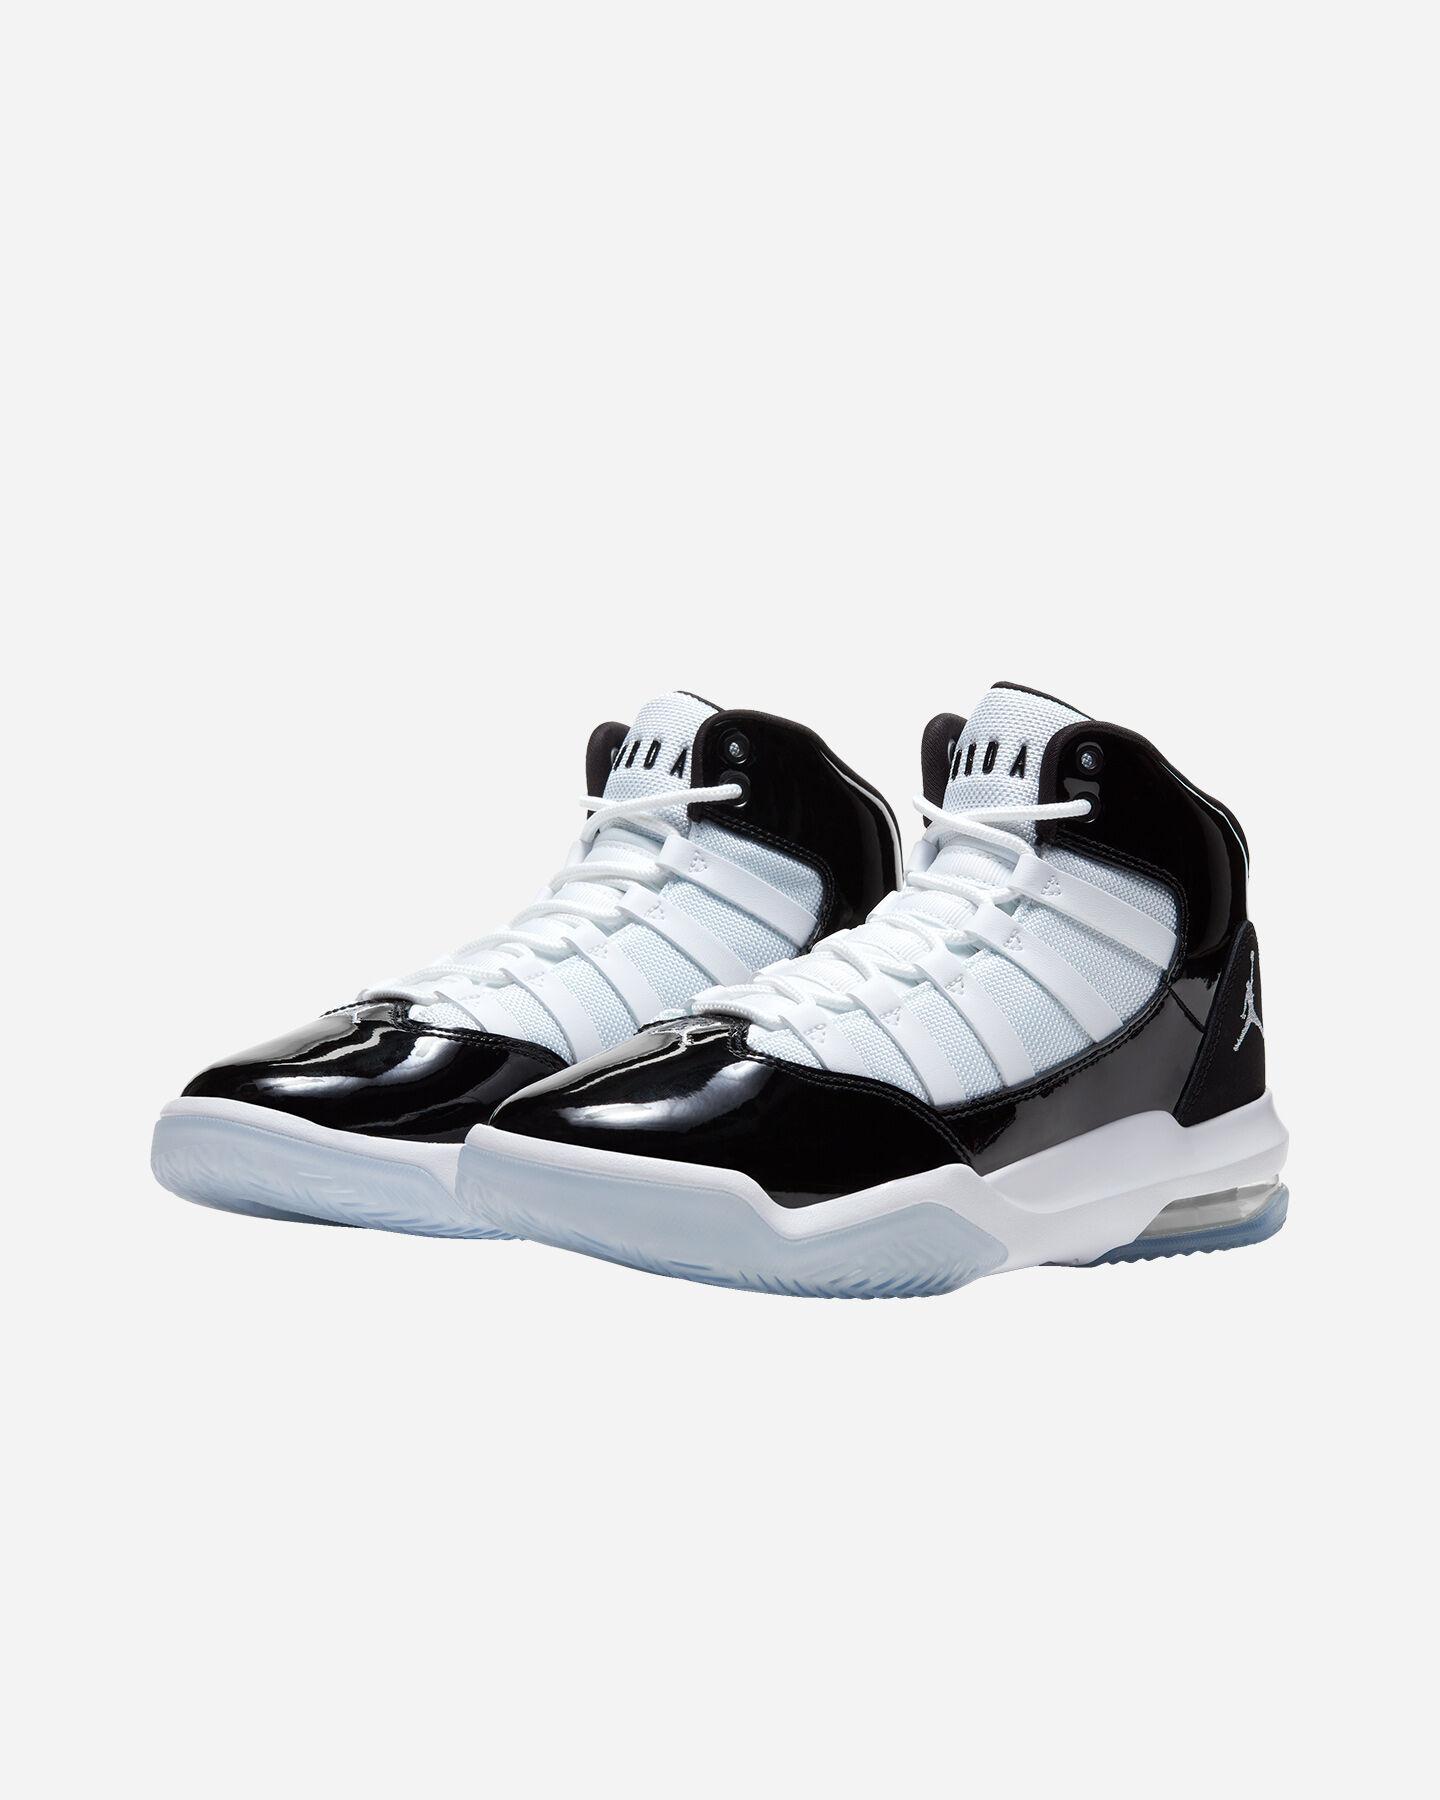 Scarpe sneakers NIKE JORDAN MAX AURA JR GS S5161424 scatto 1